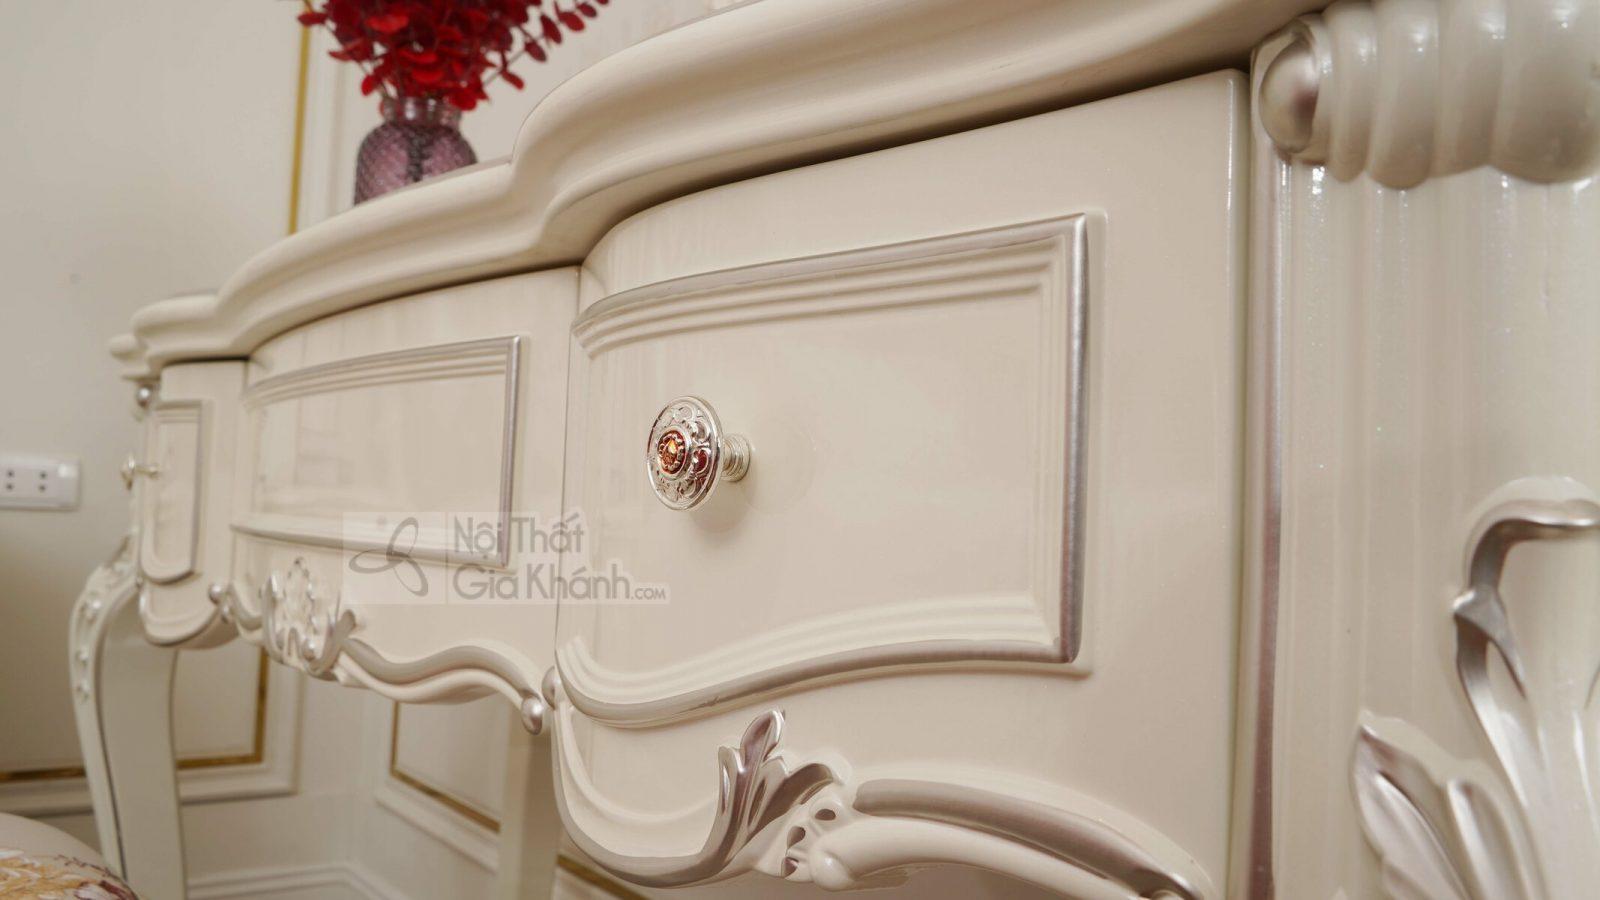 Bàn trang điểm cô dâu màu trắng gỗ Sồi tự nhiên H8801C - ban trang diem H8801C